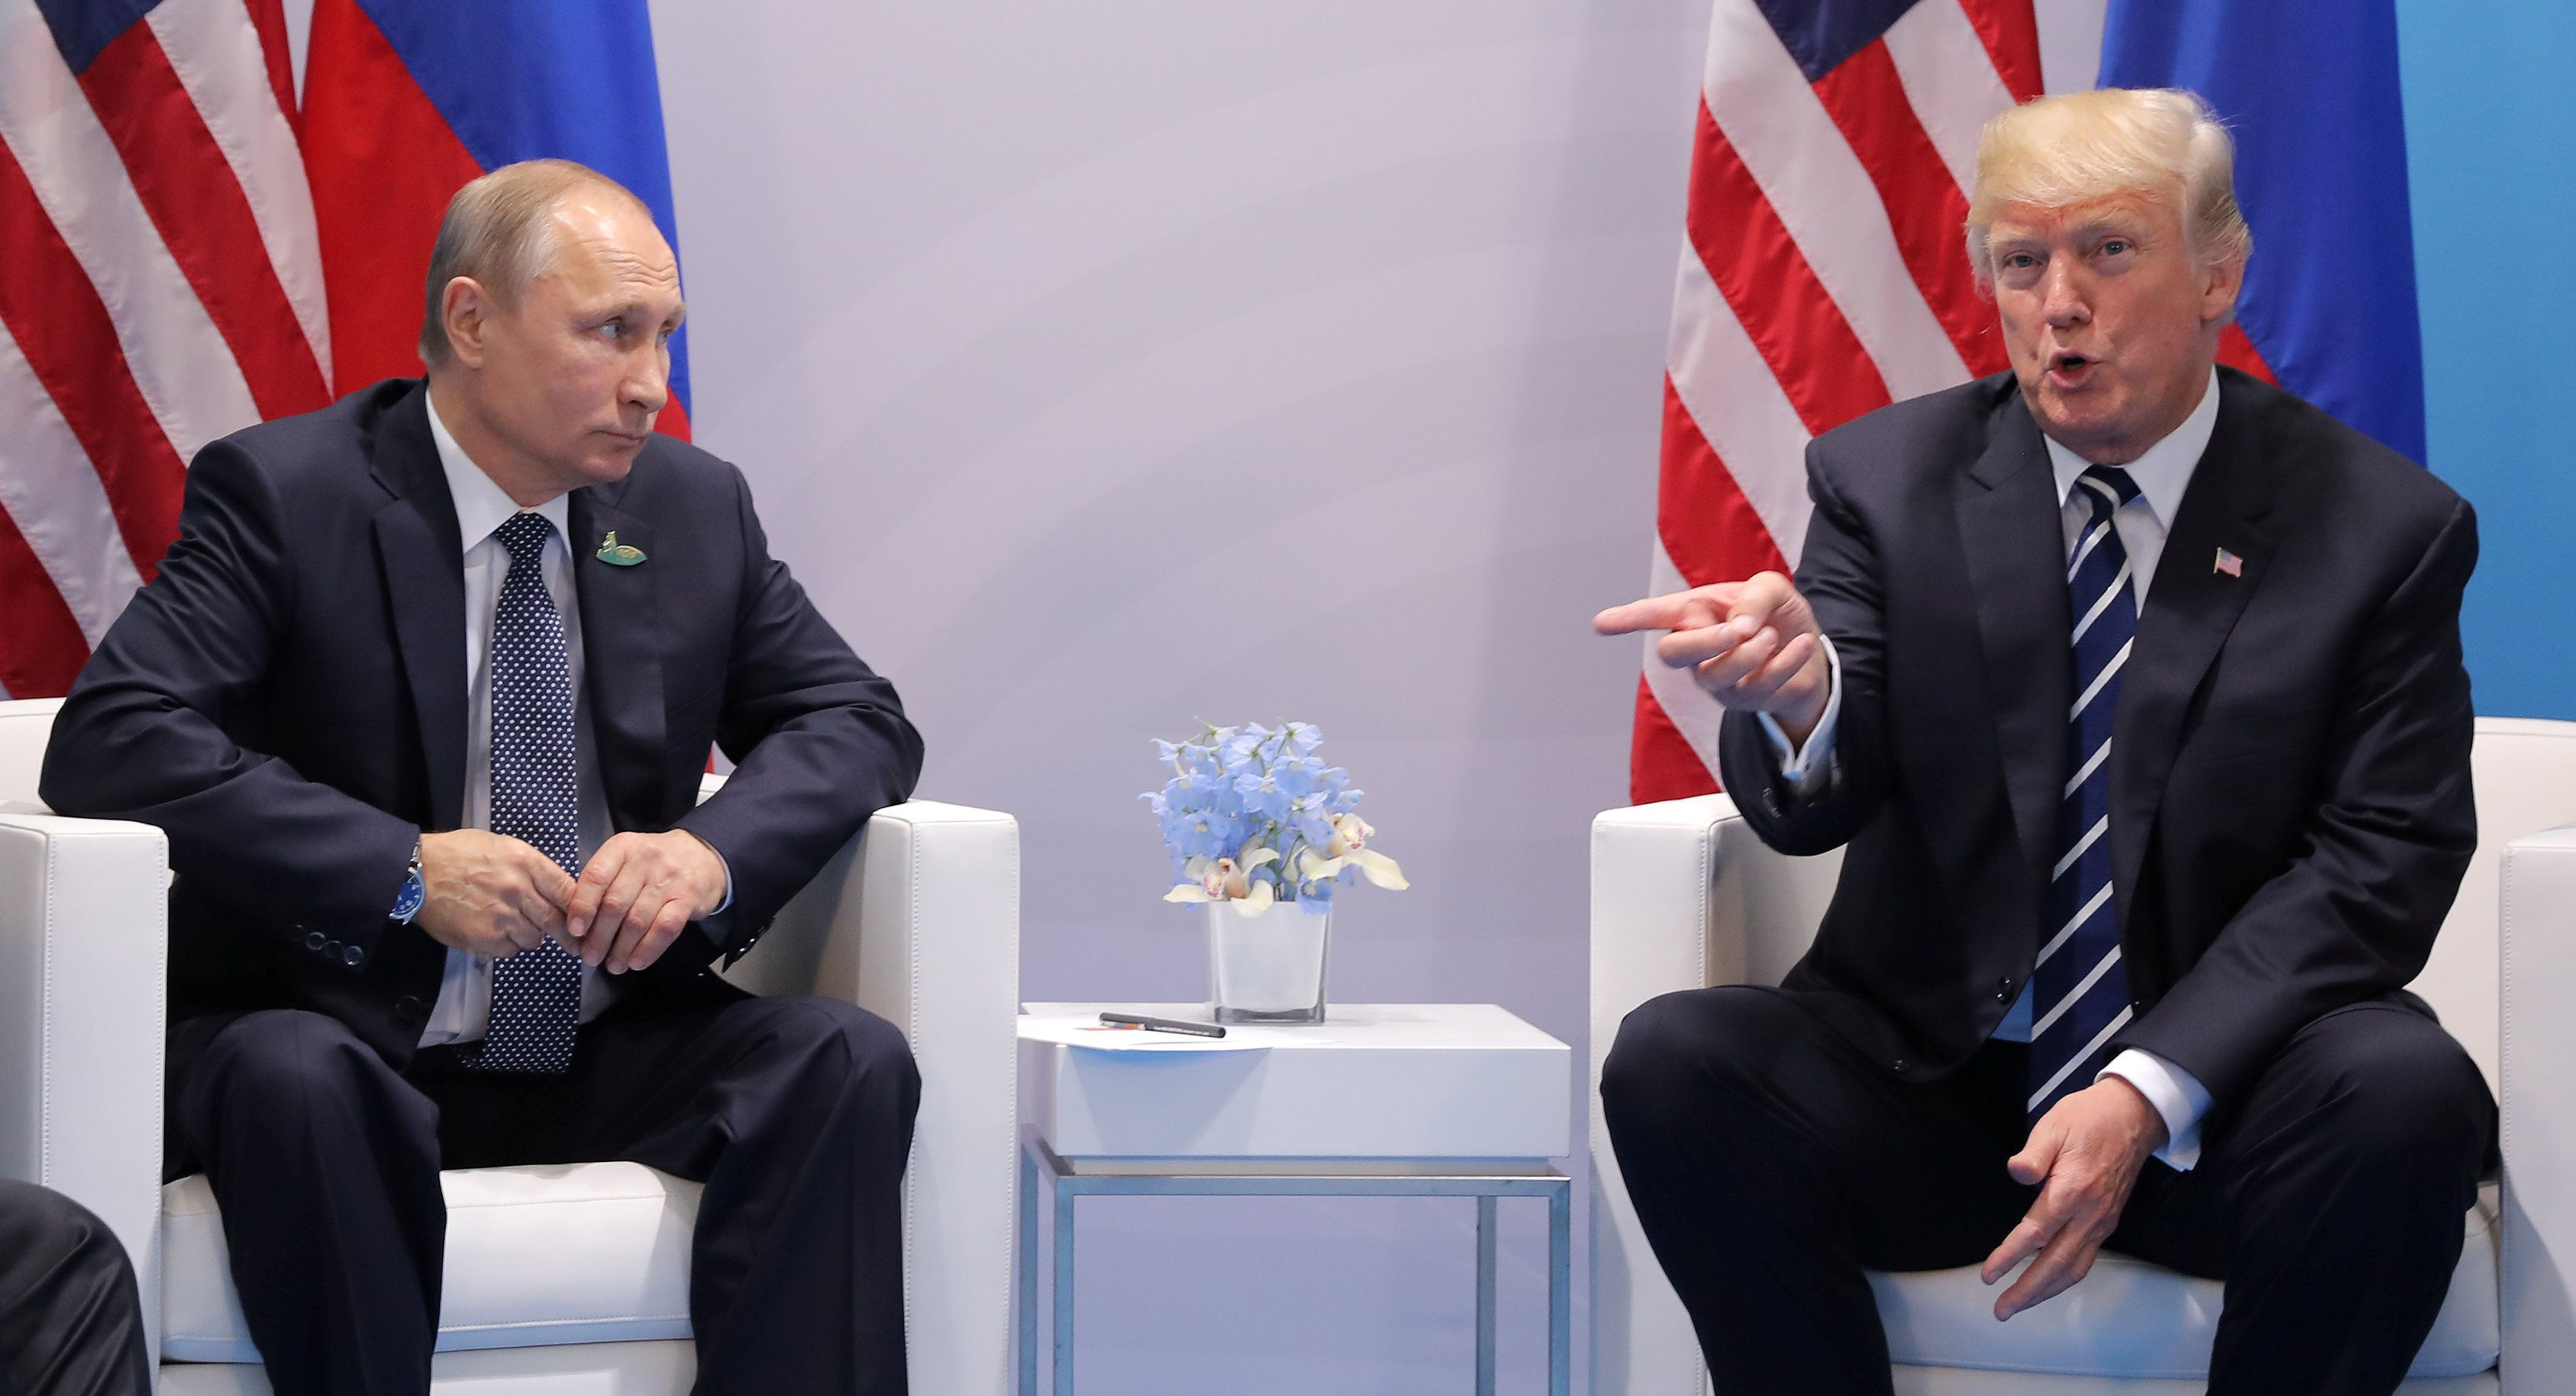 Помпео, Мэттис и Болтон понимают потребность Украины в помощи от США для отражения агрессии Кремля, - Хербст - Цензор.НЕТ 5758